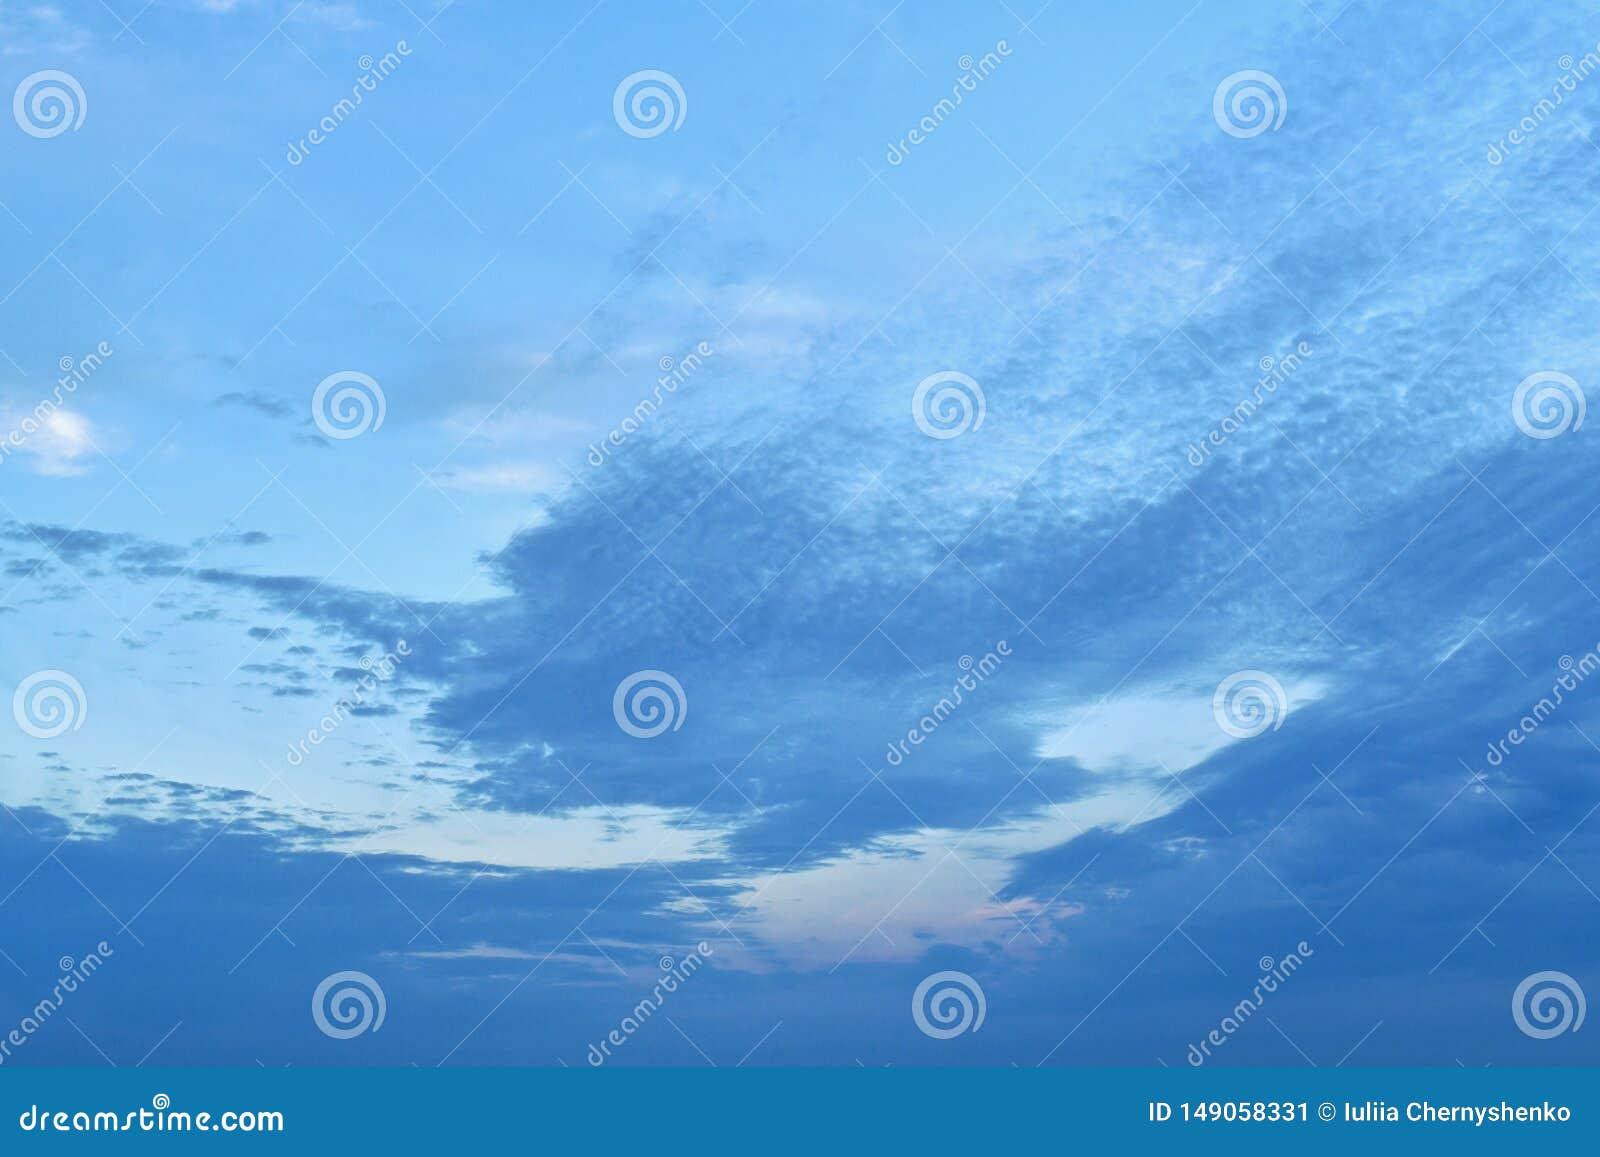 Η μεγαλύτερη μέρος της ανώτερης αριστερής γωνίας firmament, καθαρός, απαλλαγμένο από τα σύννεφα